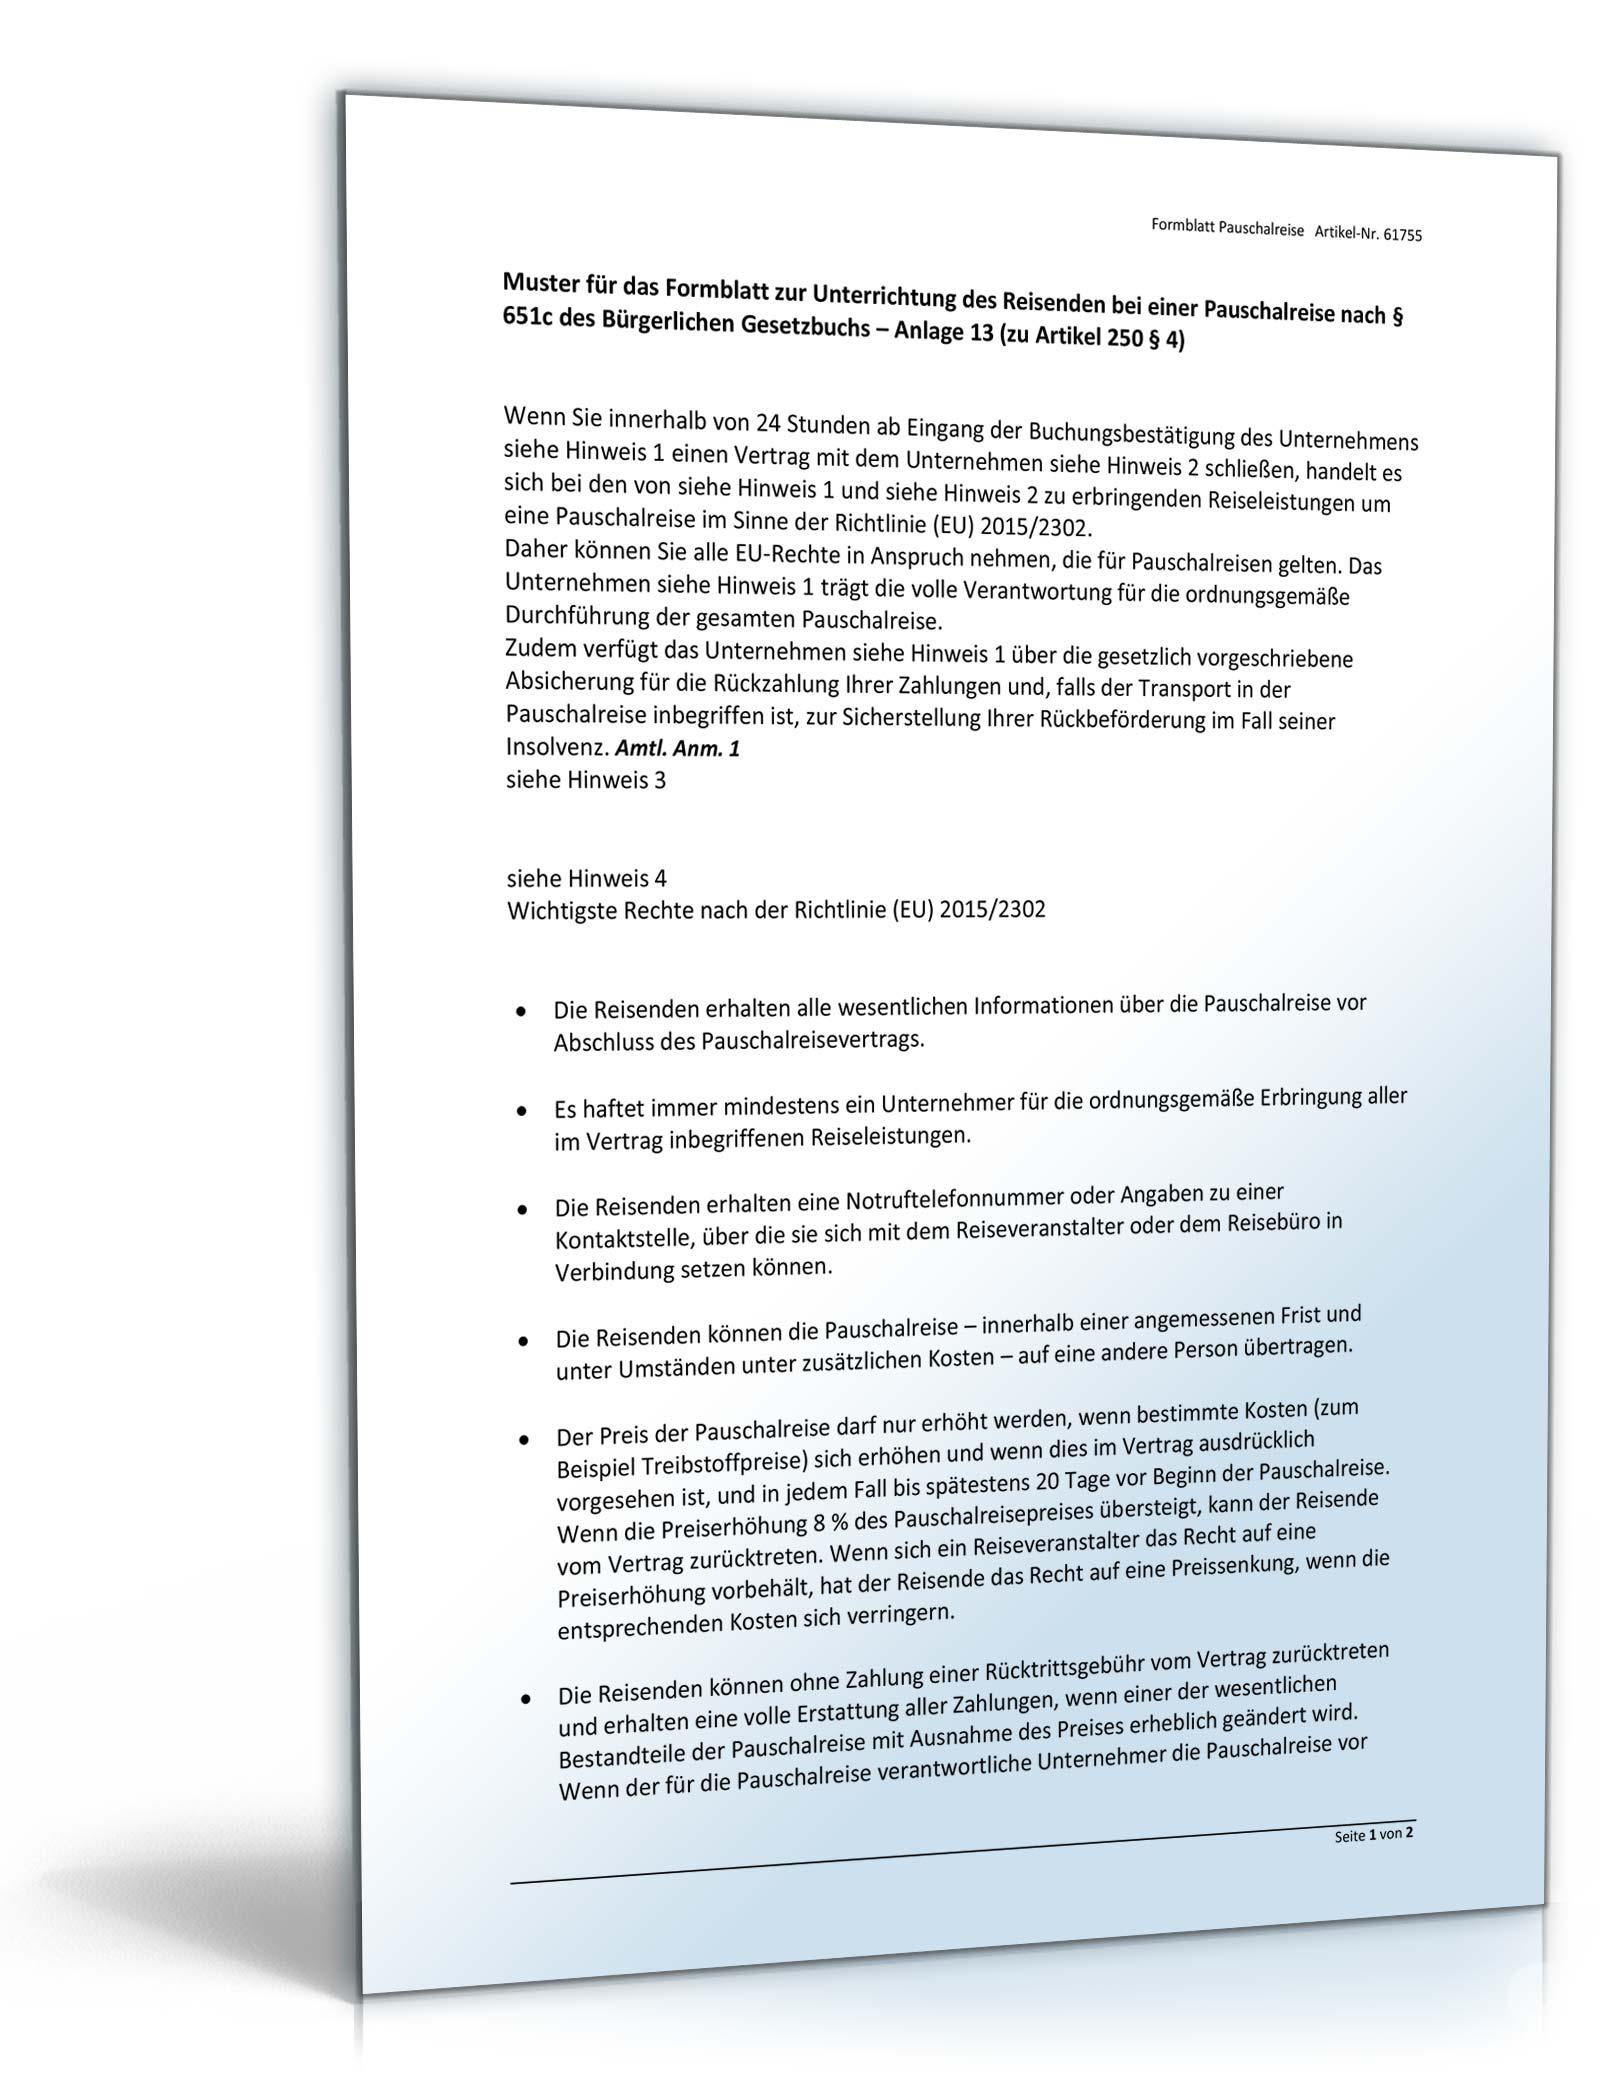 Download Archiv • Dokumente & Vorlagen